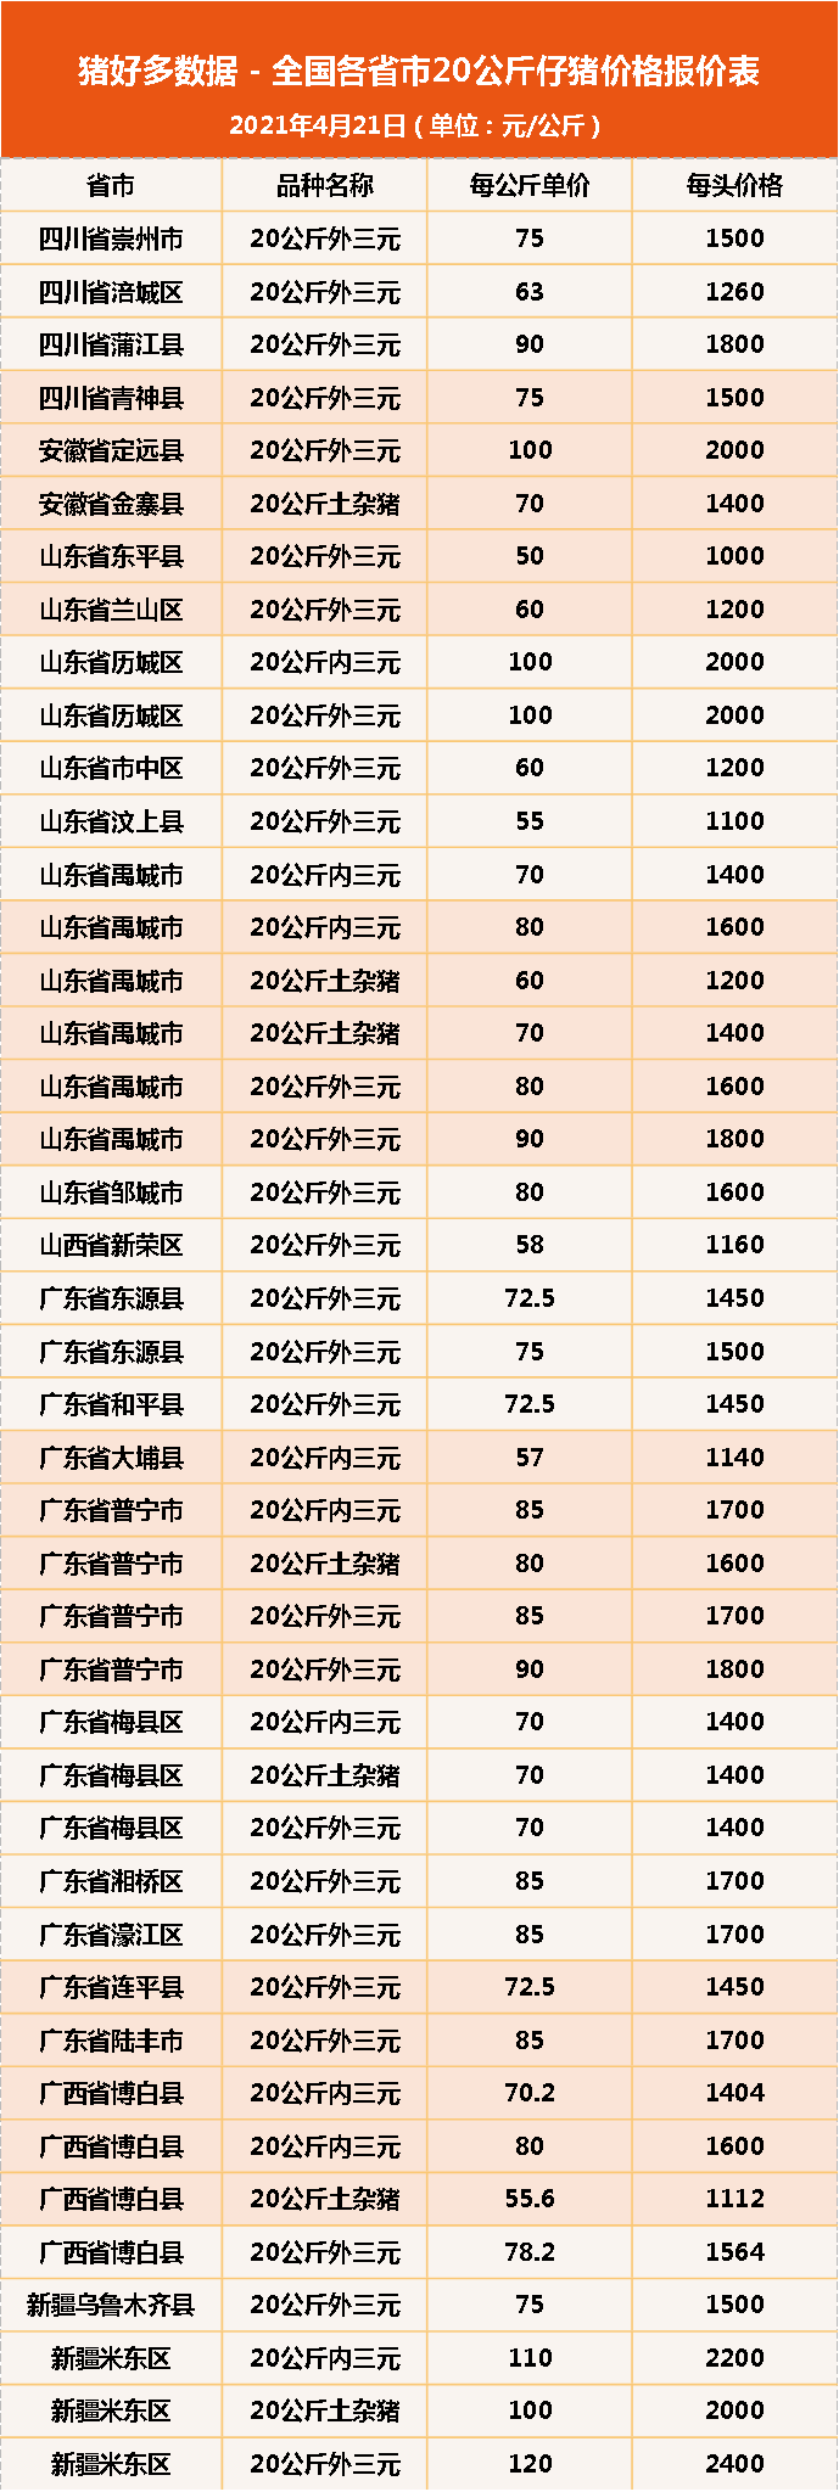 4月21日20公斤仔猪价格,猪价不稳,仔猪大涨,有人欢喜有人愁?